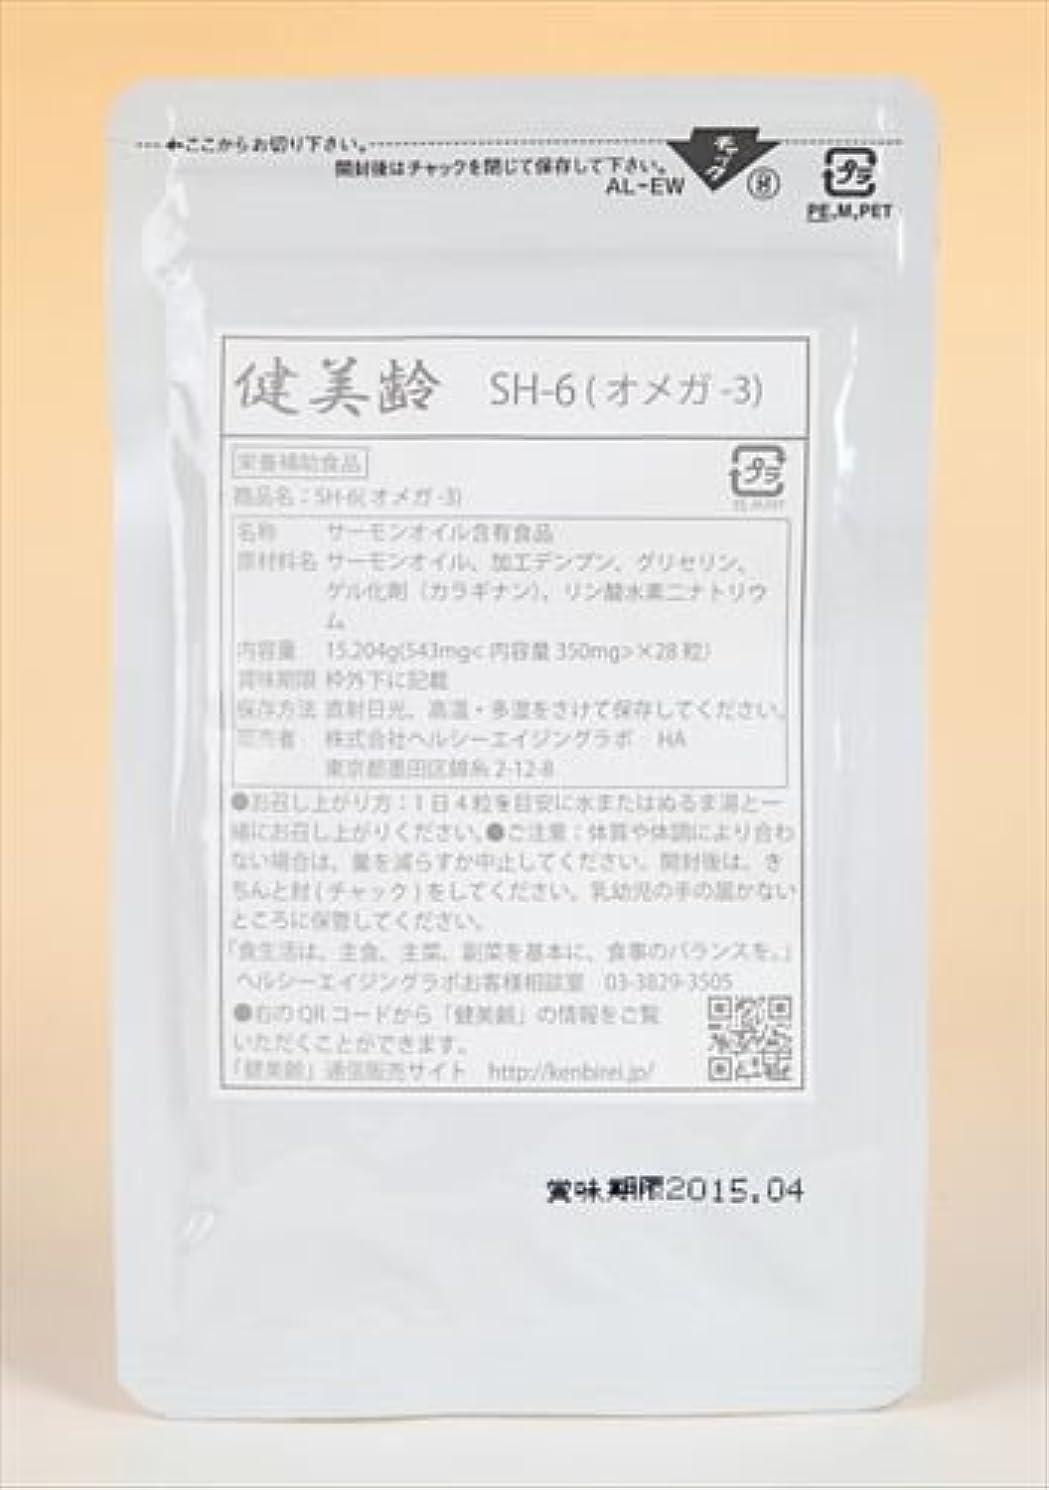 バンハードリング結晶健美齢SH-6オメガ3